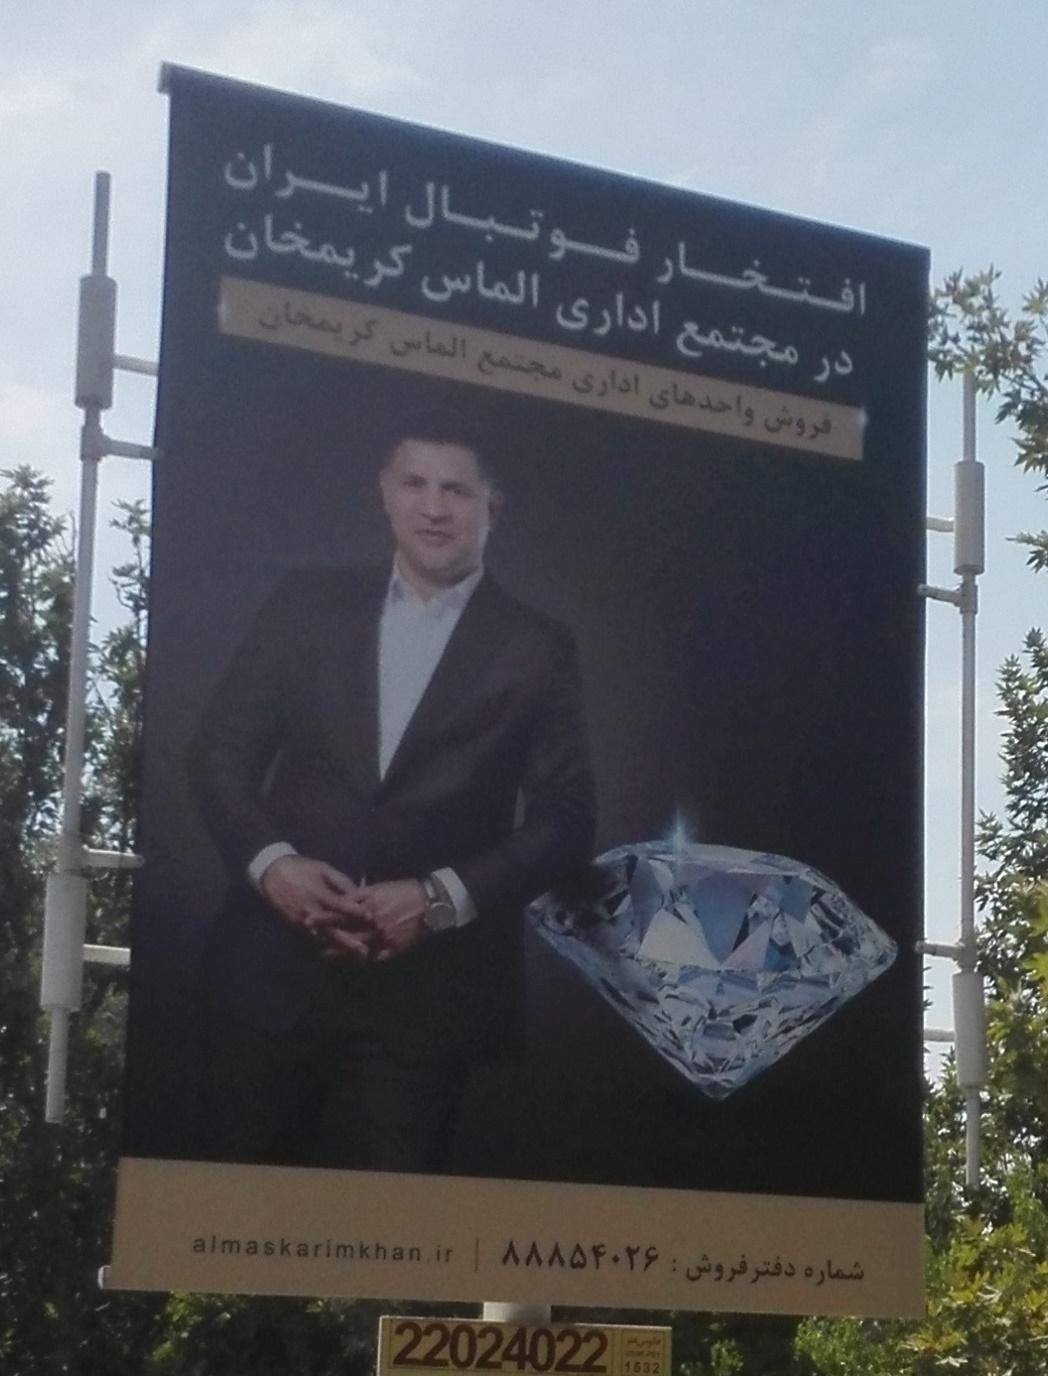 مرکز فروش لباس کار در تهران